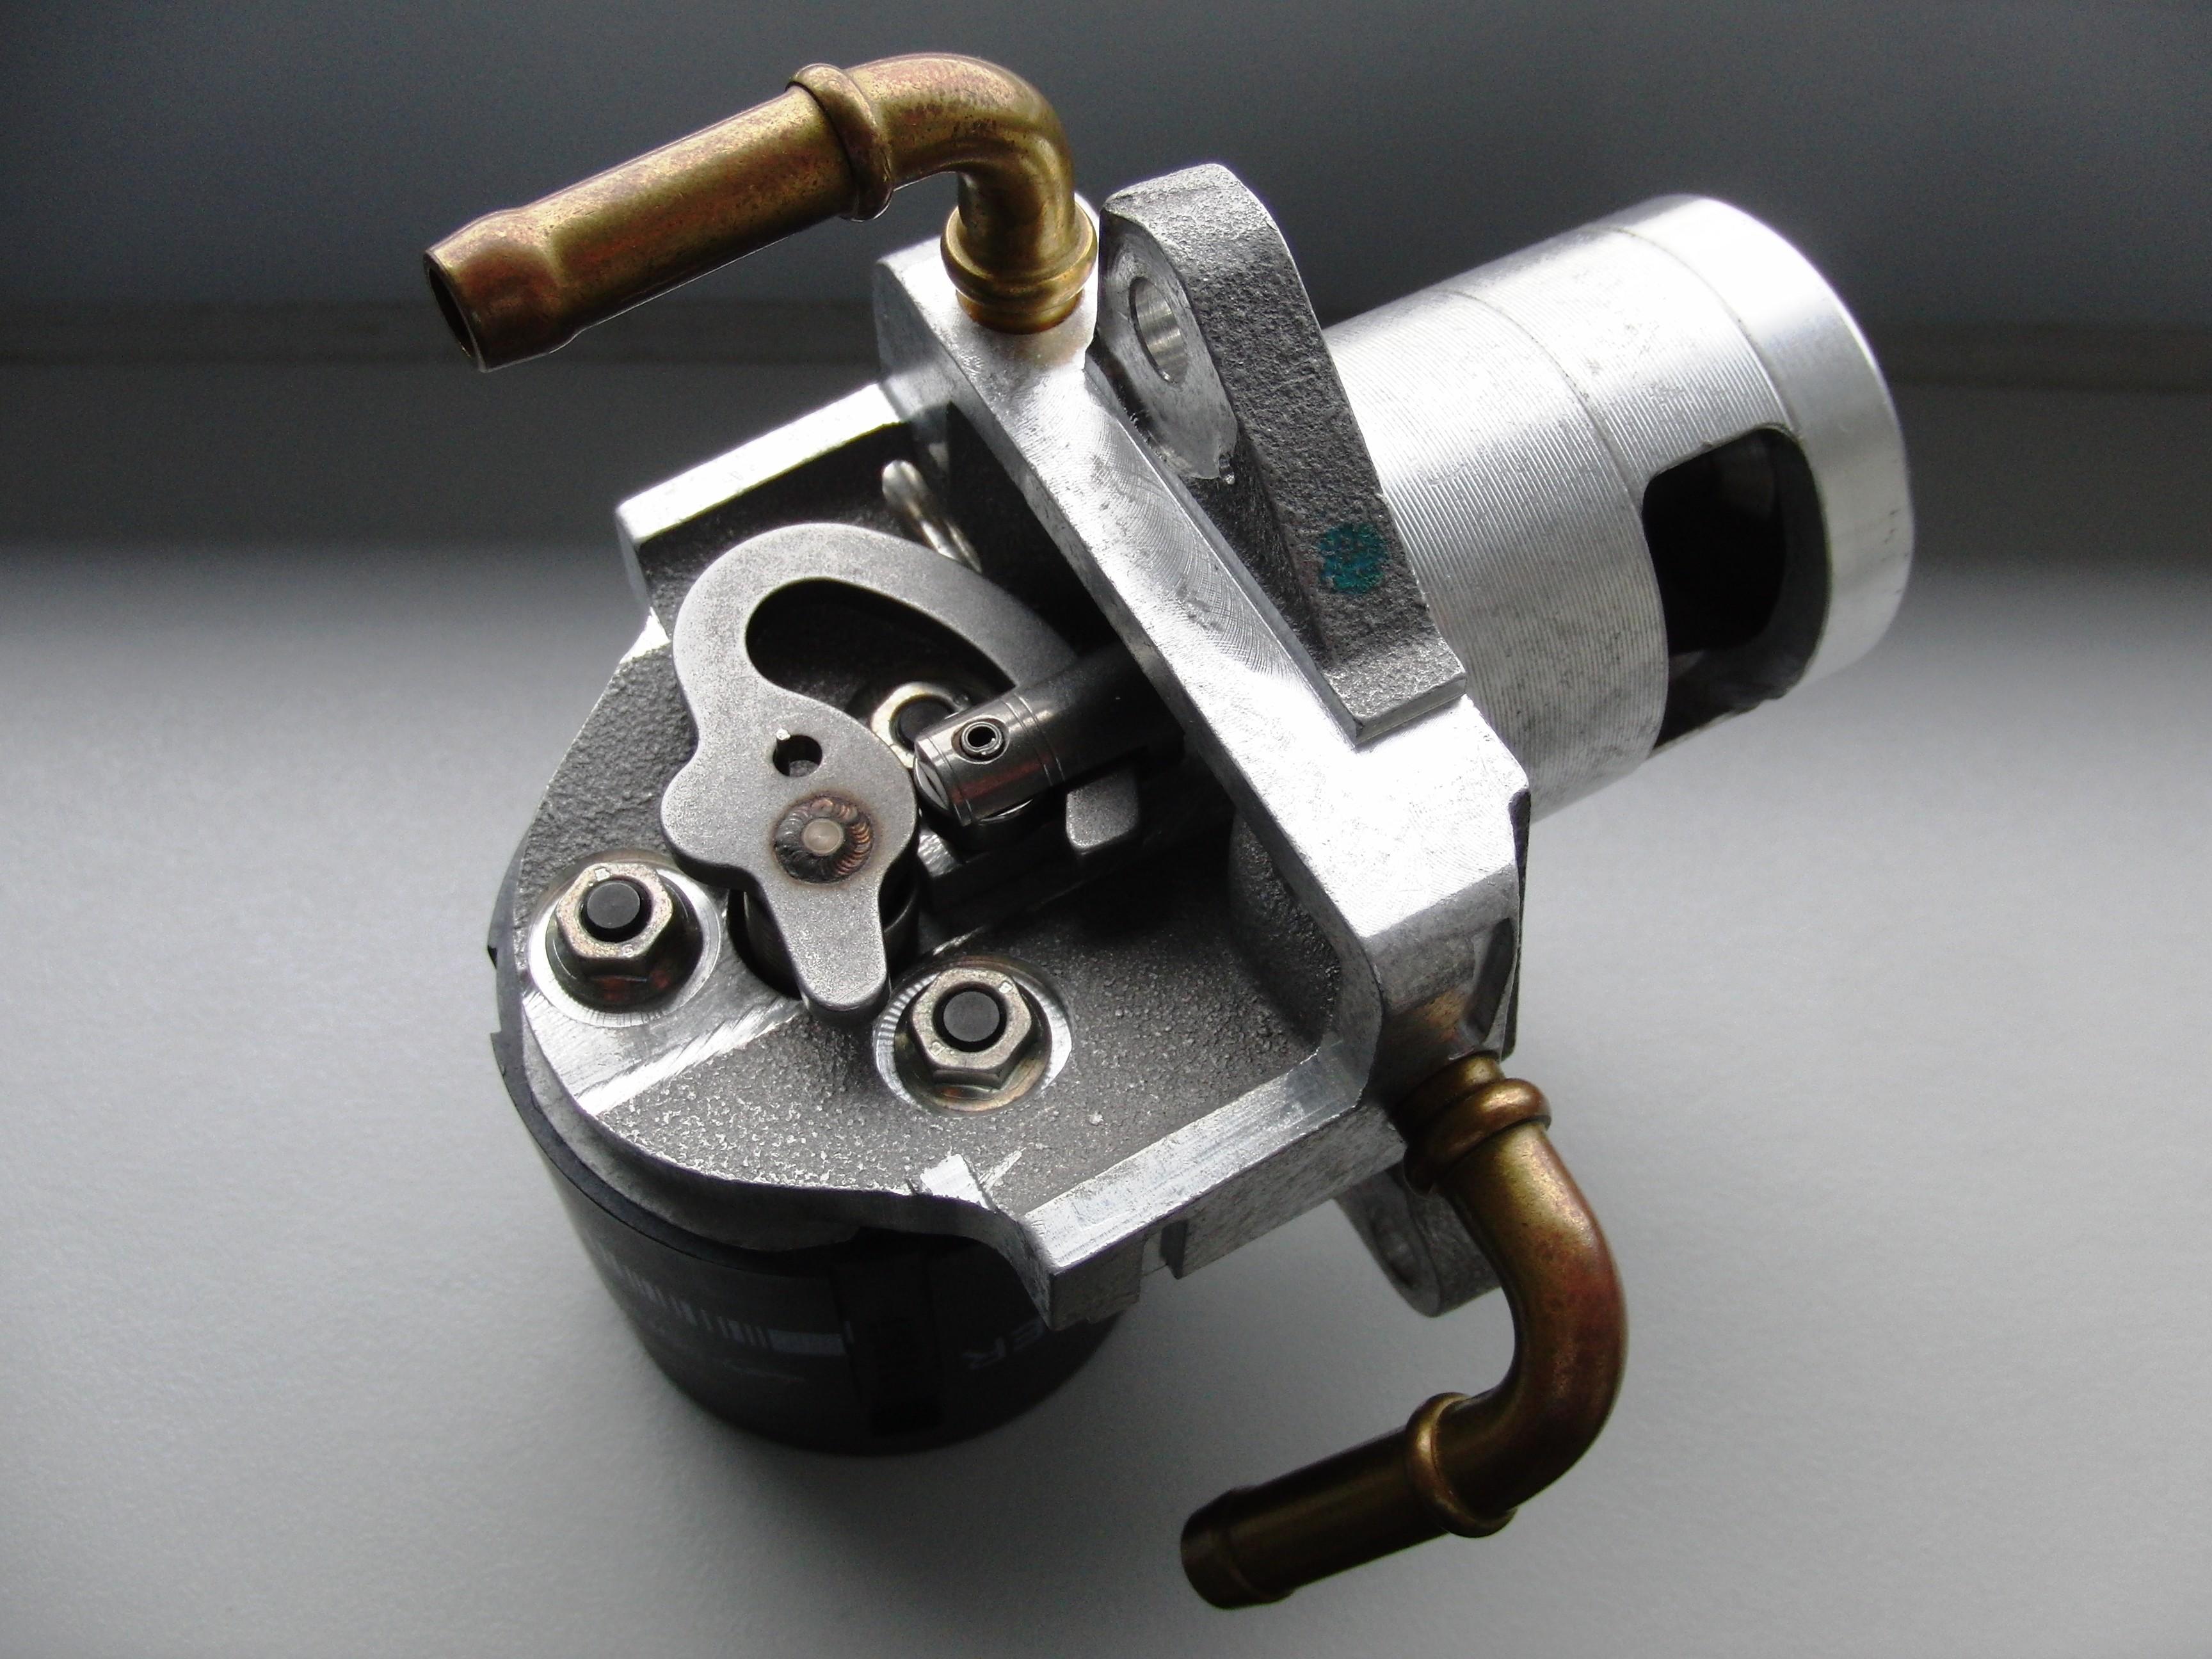 Baugruppenmontage, am Beispiel einer Montage eines AGR Ventils für die Automotive Industrie.